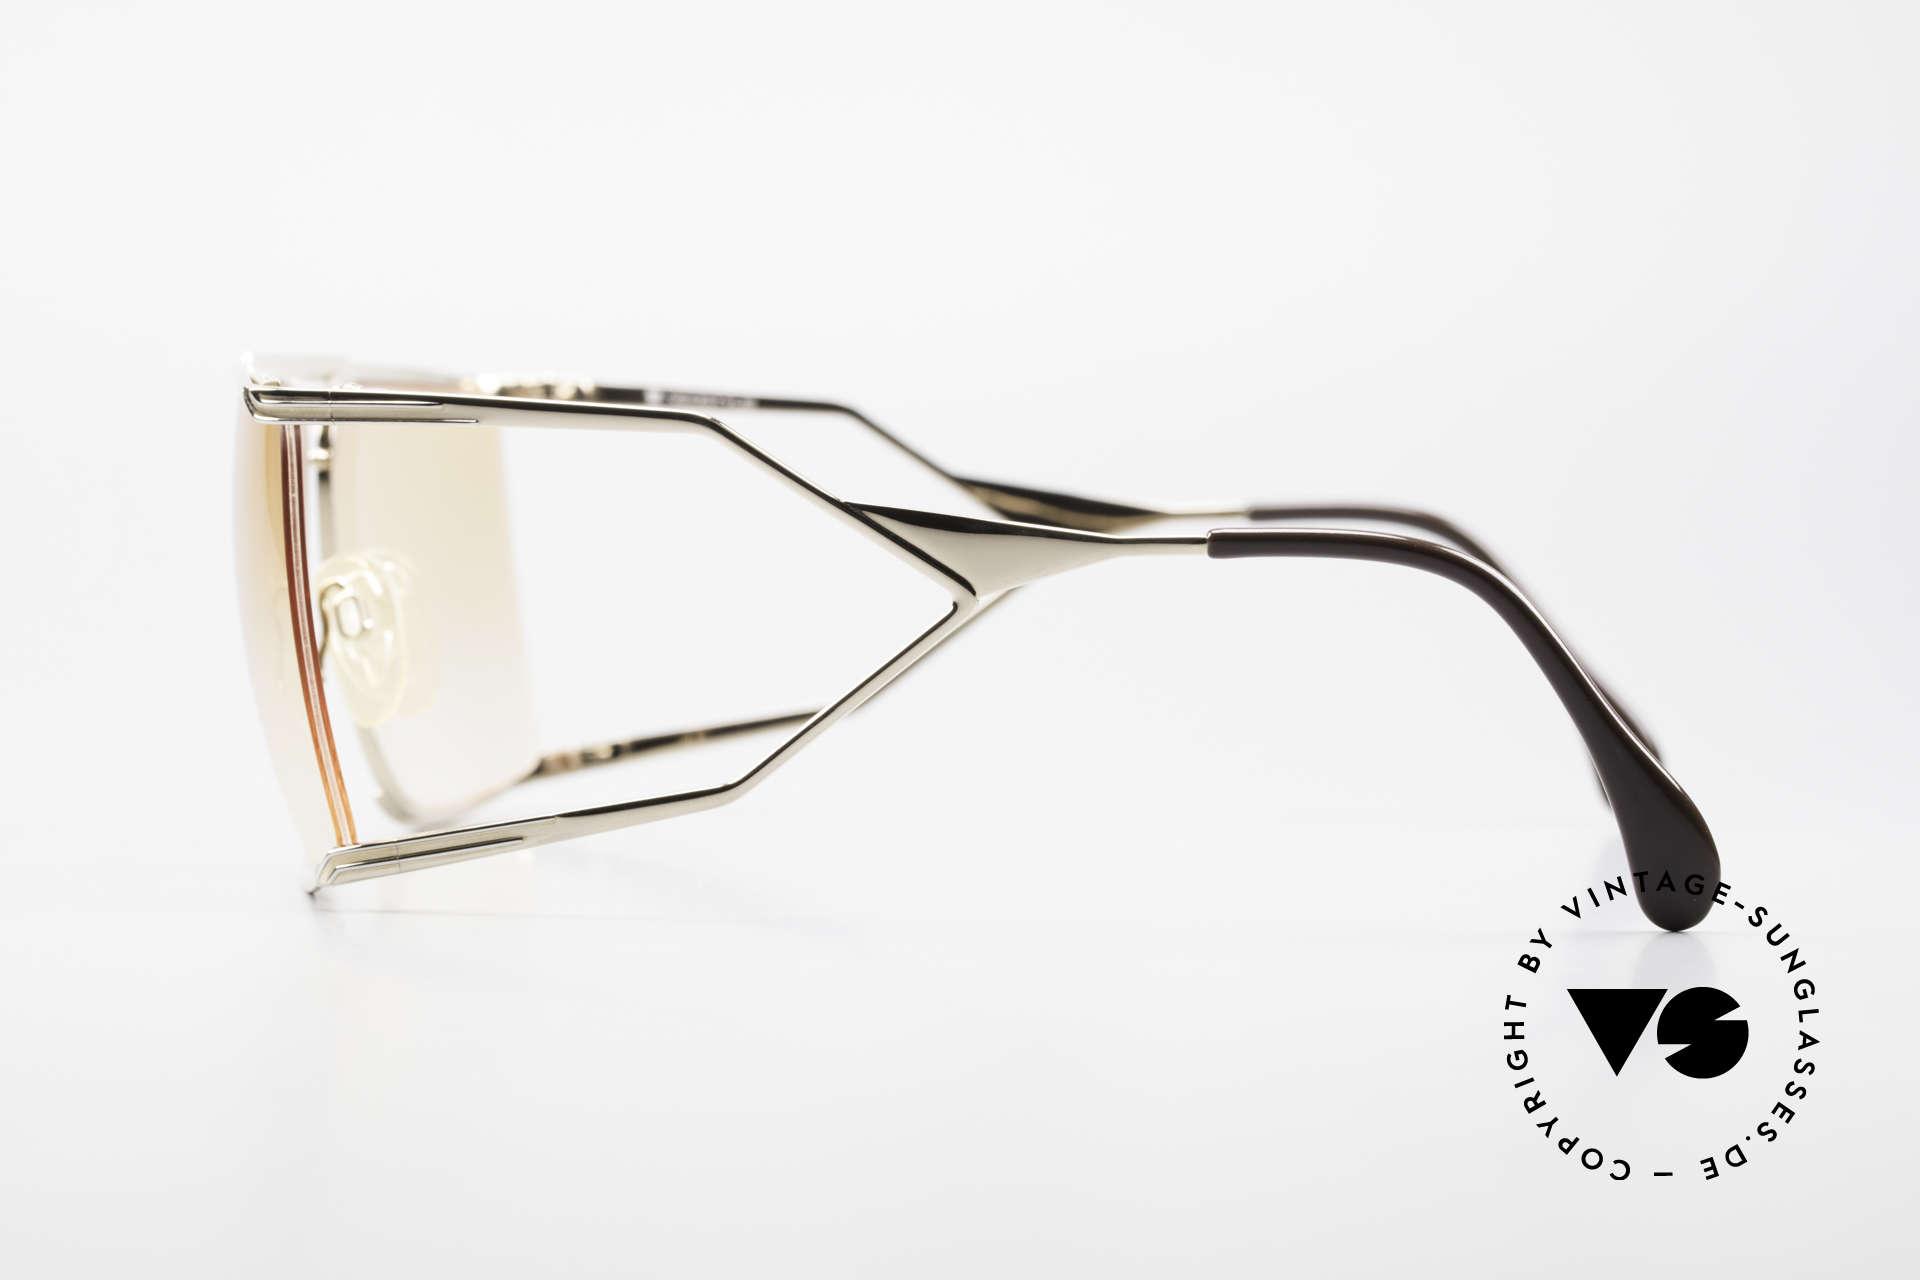 Neostyle Nautic 6 Miami Vice Vintage Brille 80er, ein absoluter Hingucker und begehrtes Sammlerstück, Passend für Herren